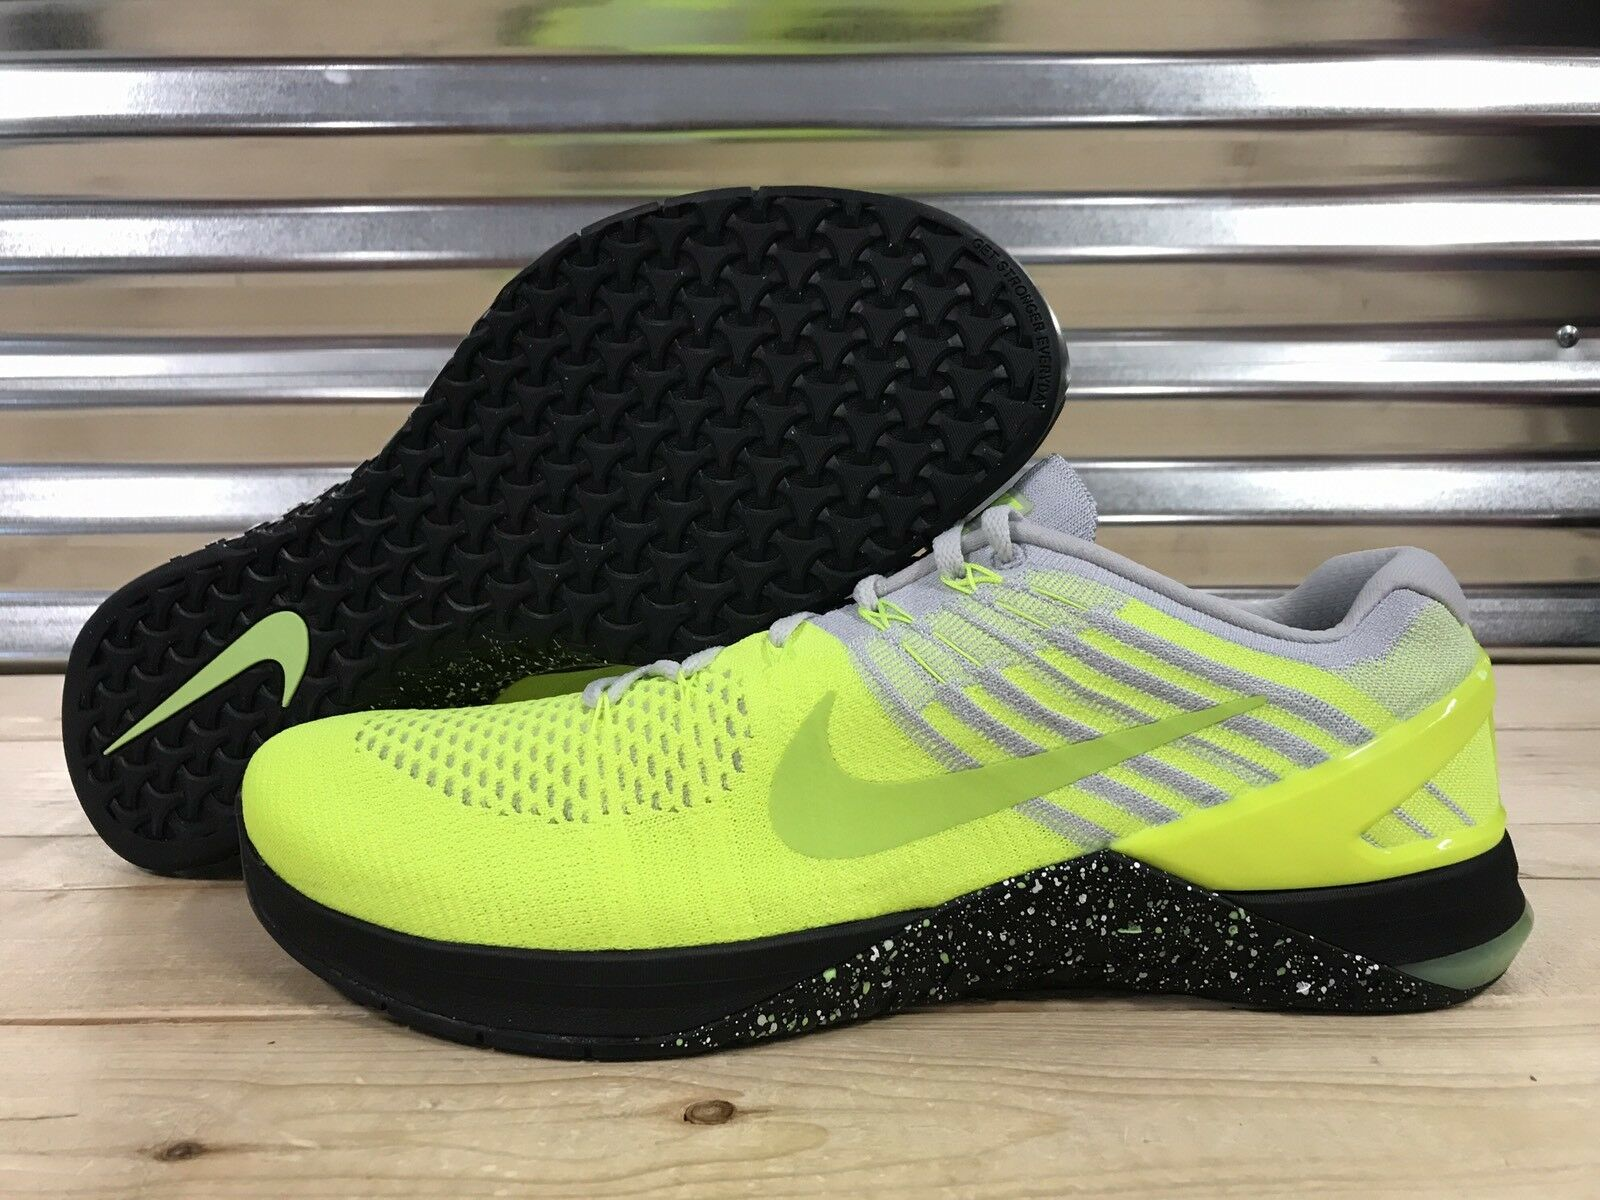 Nike Metcon Zapatos DSX Flyknit Entrenador Zapatos Metcon Volt Negro Blanco (852930-701) c144f9